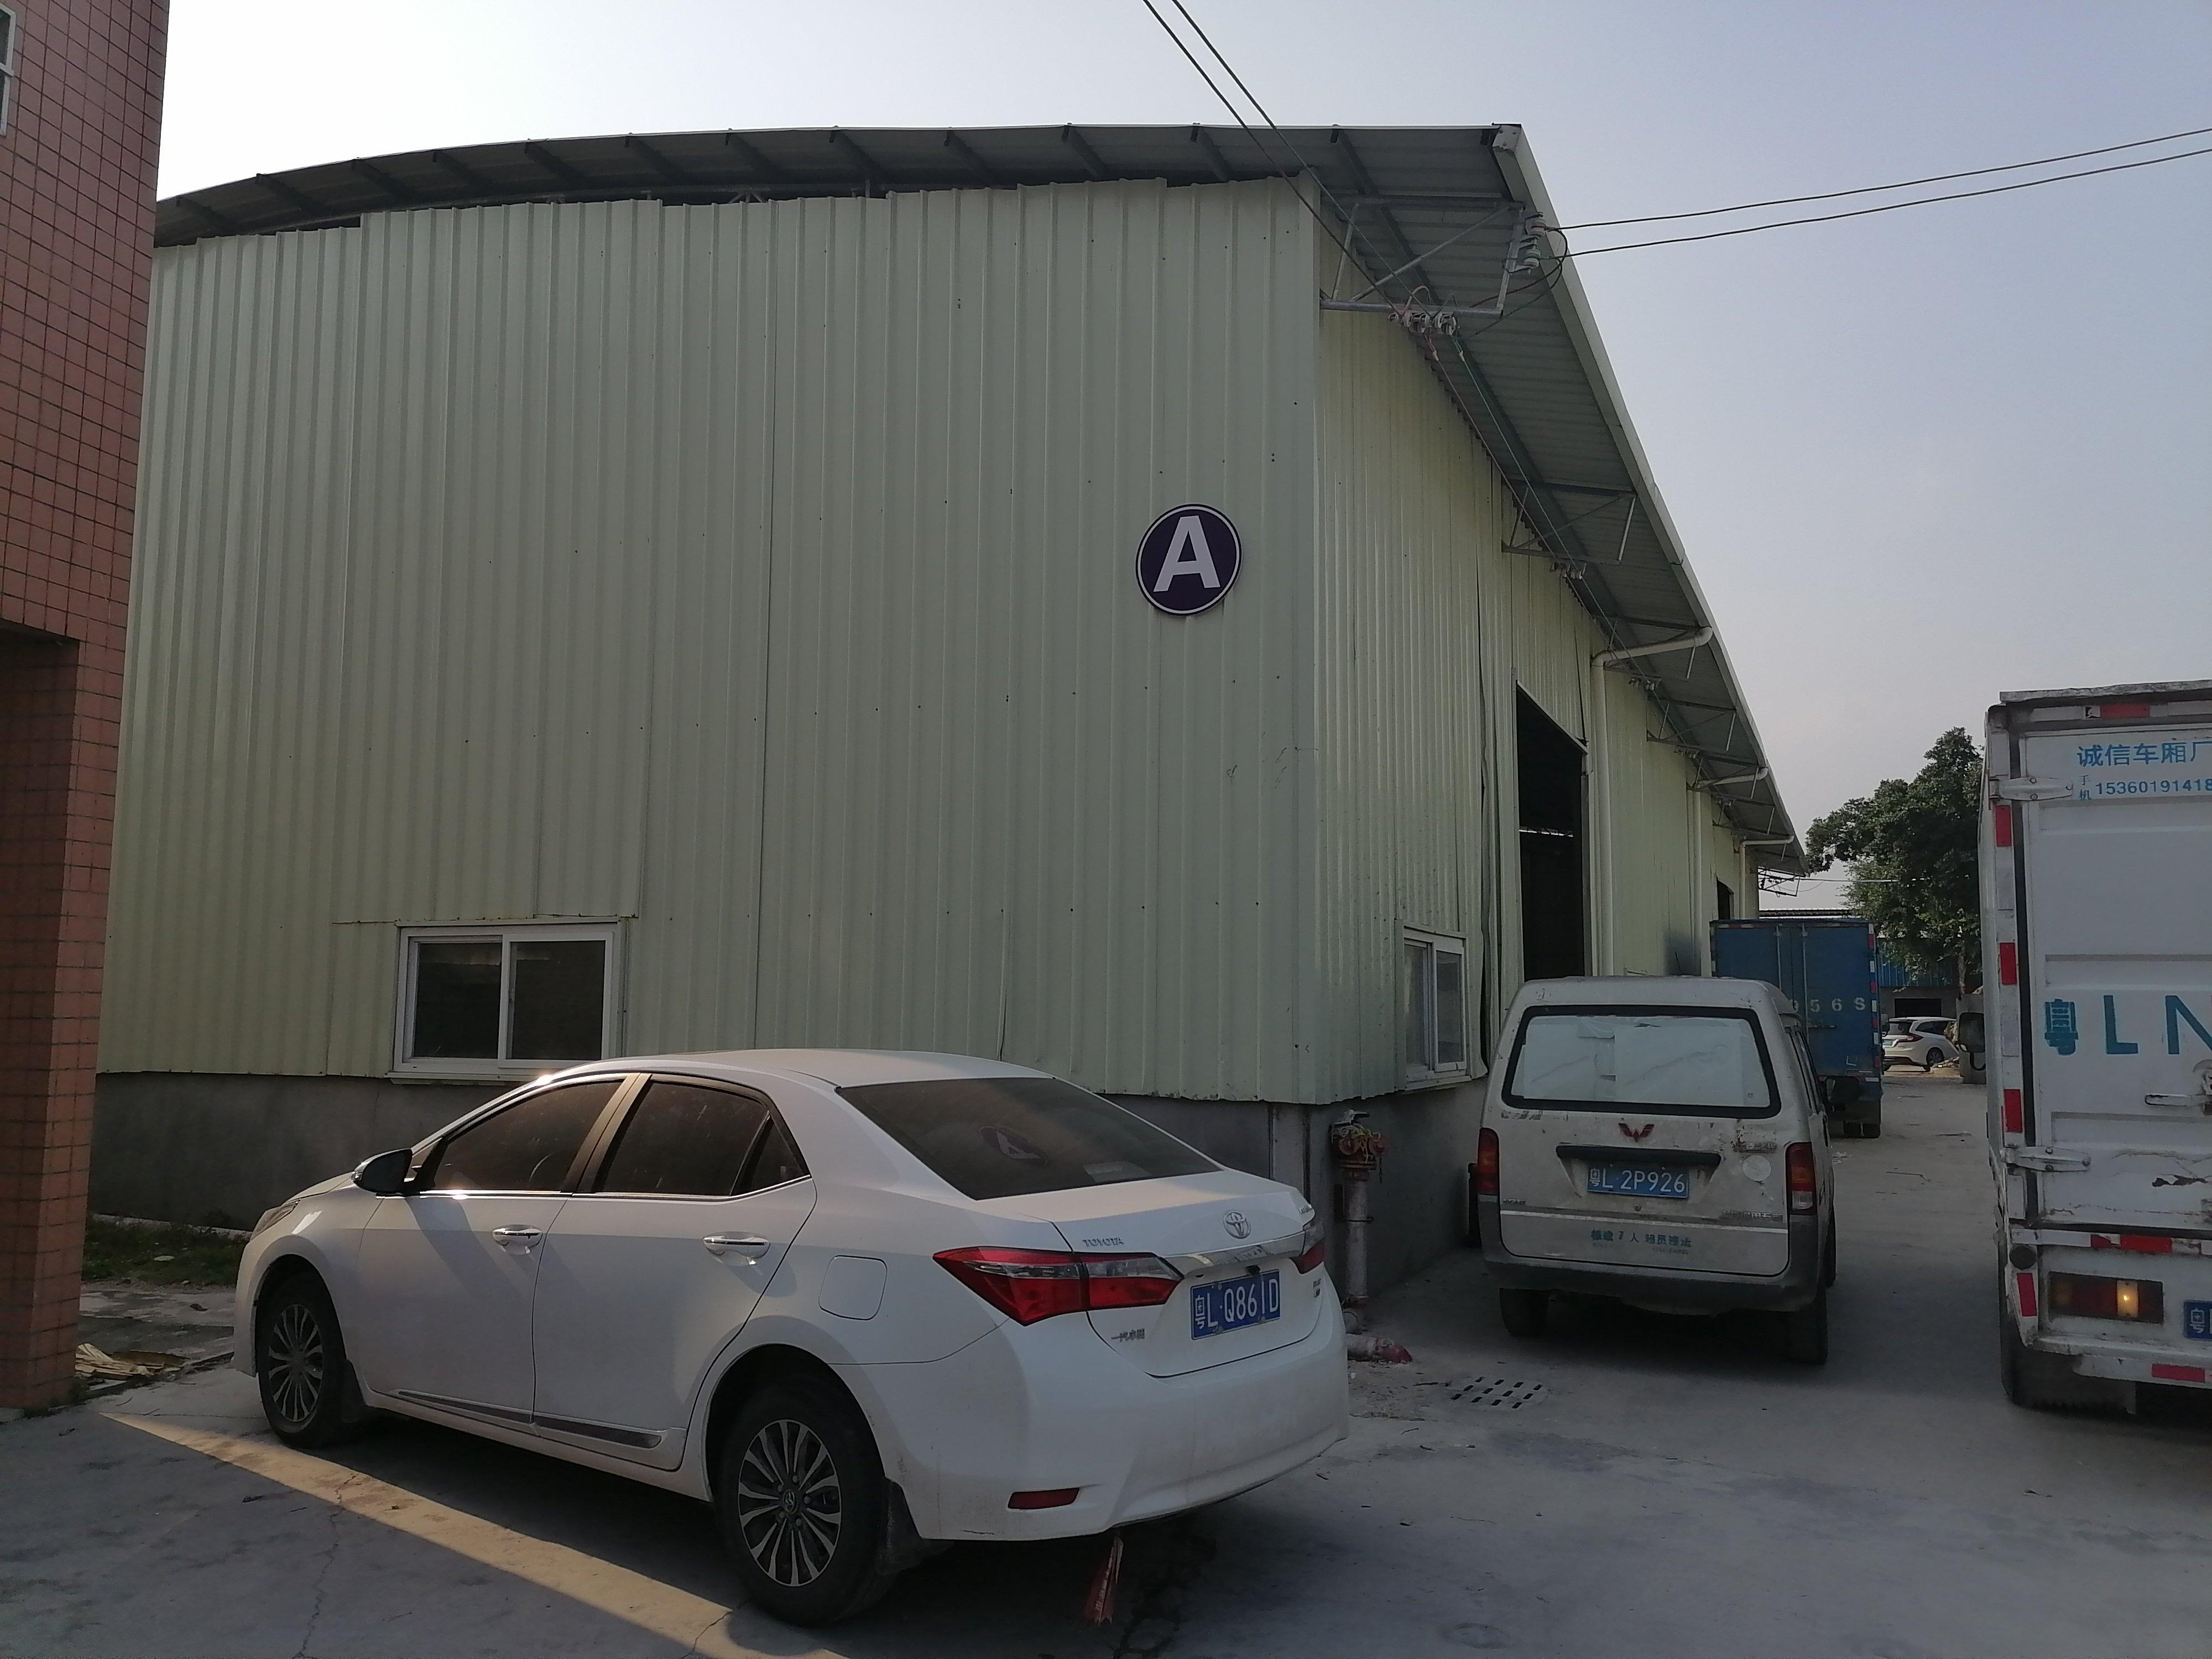 惠东县平山镇新出钢构仓库滴水六米1680平